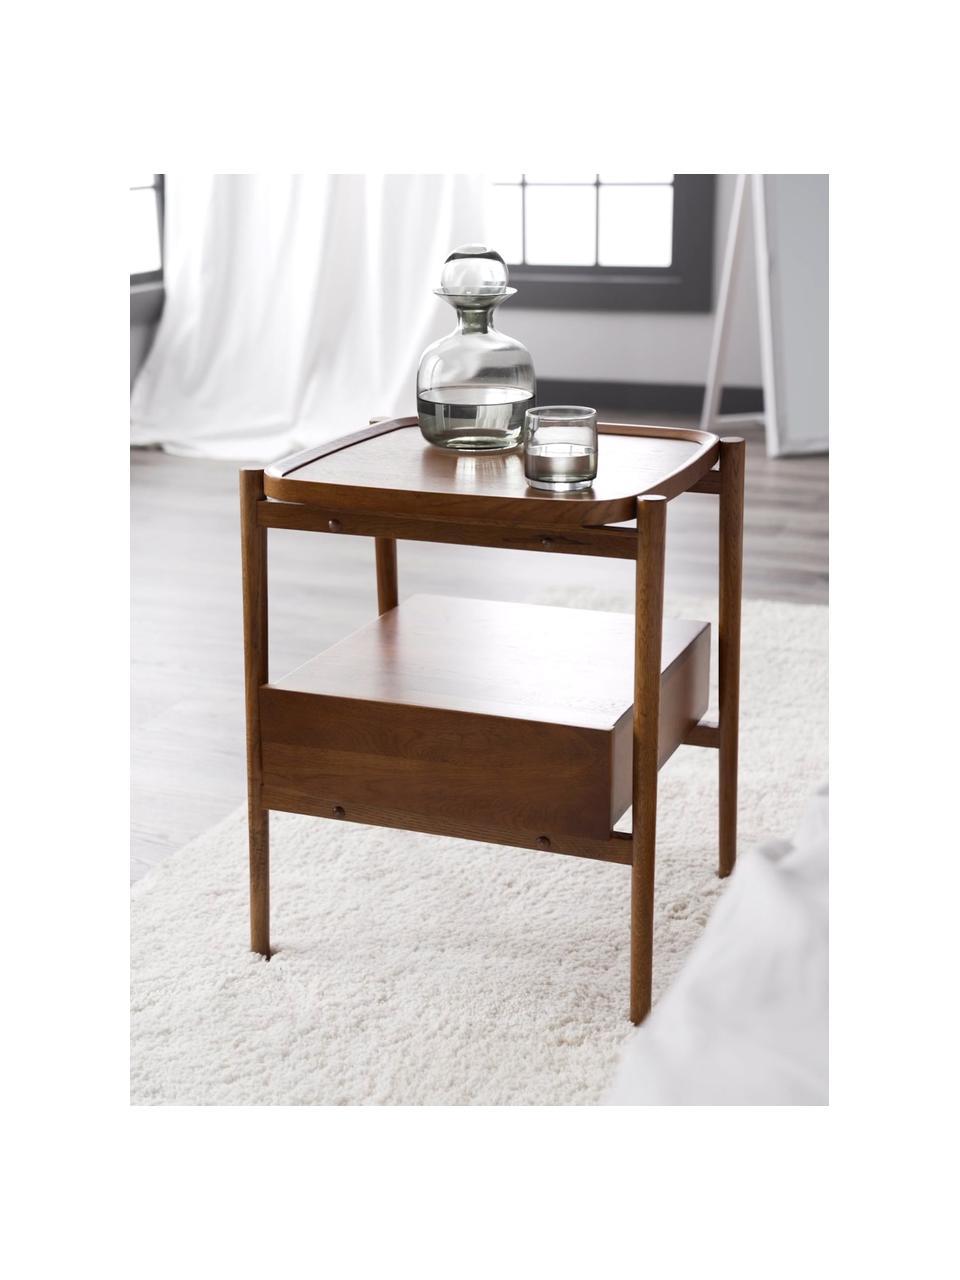 Table de chevet bois de chêne Libby, Brun foncé